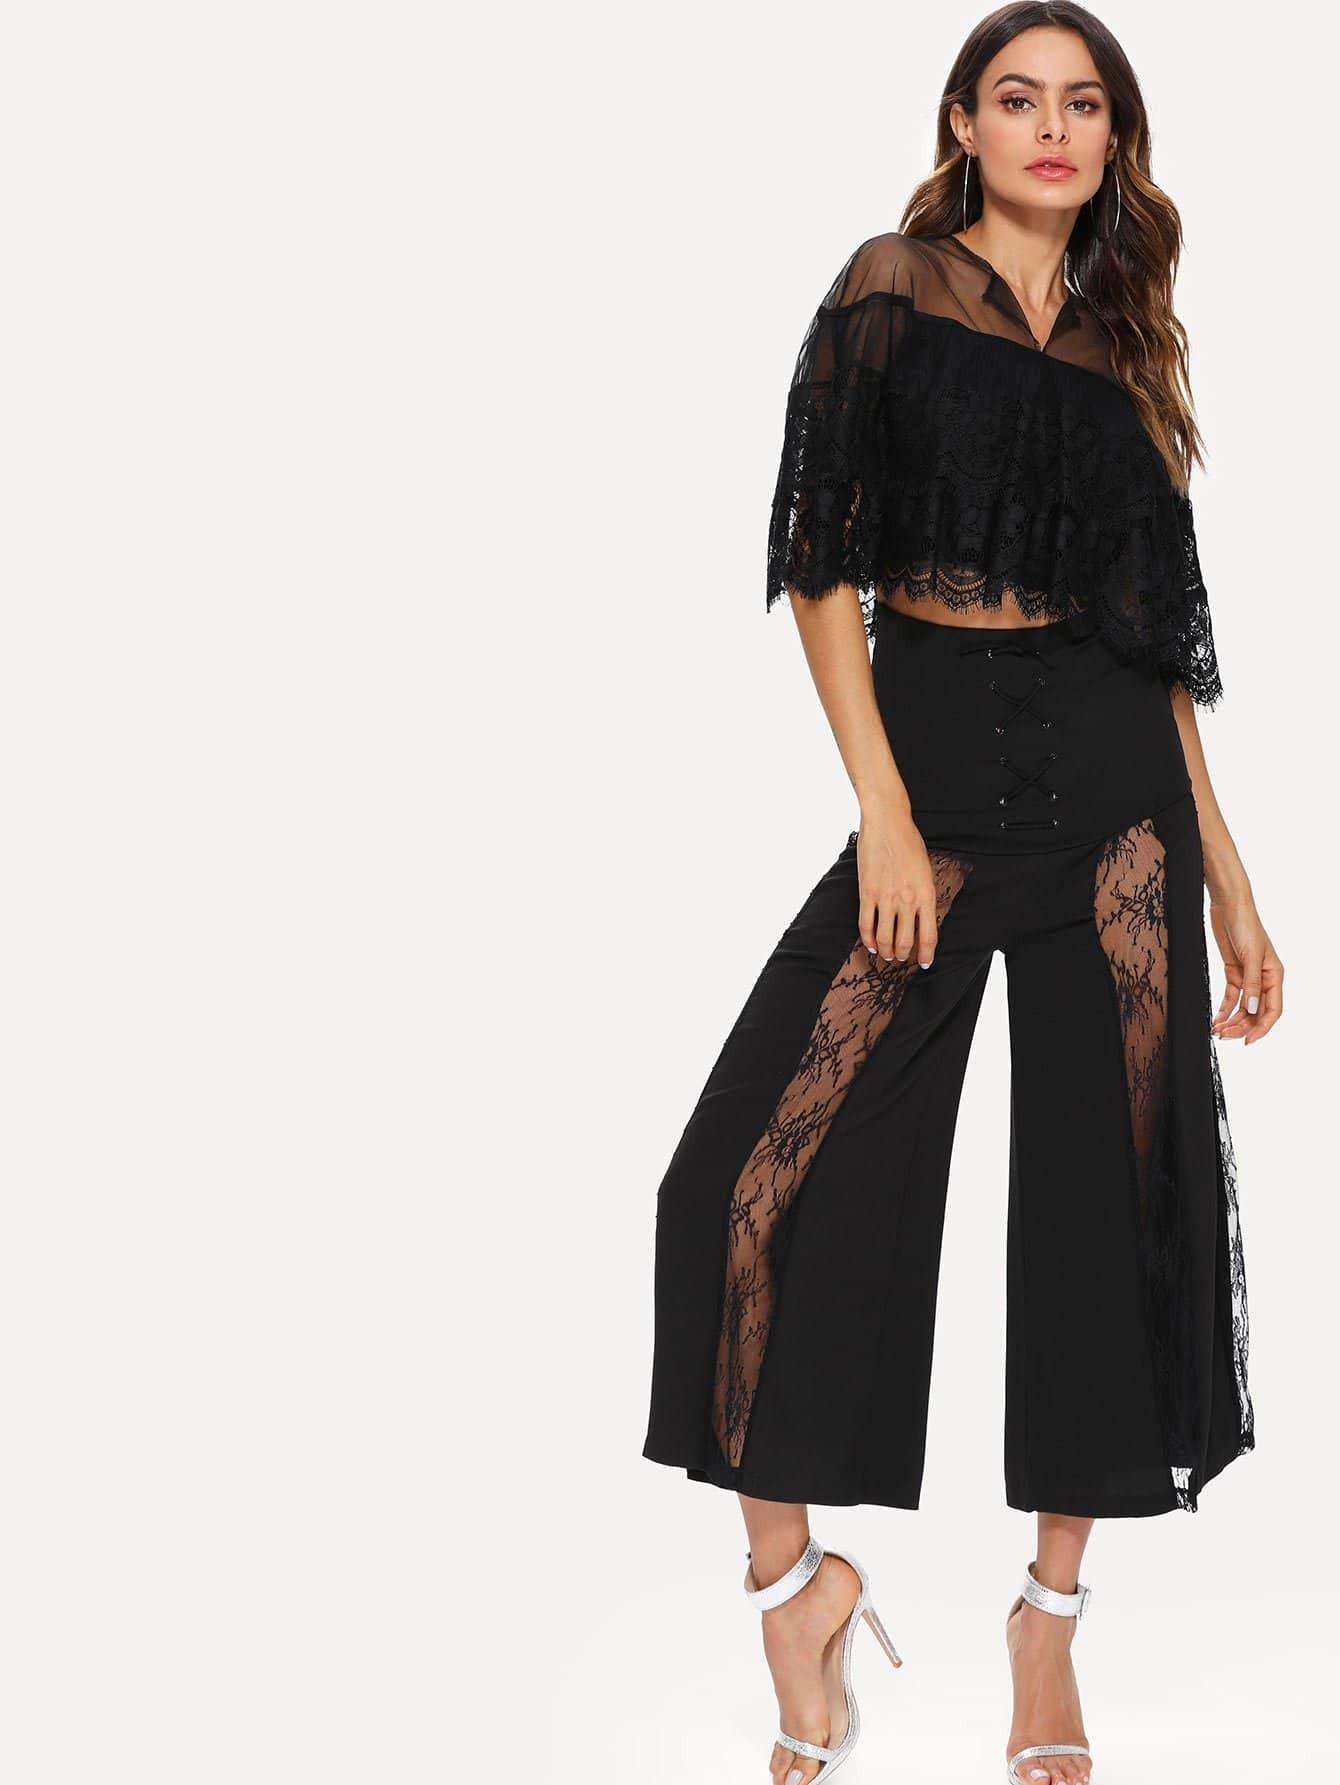 Lace Top & Criss Cross Wide Leg Pants criss cross lace bandeau tube top